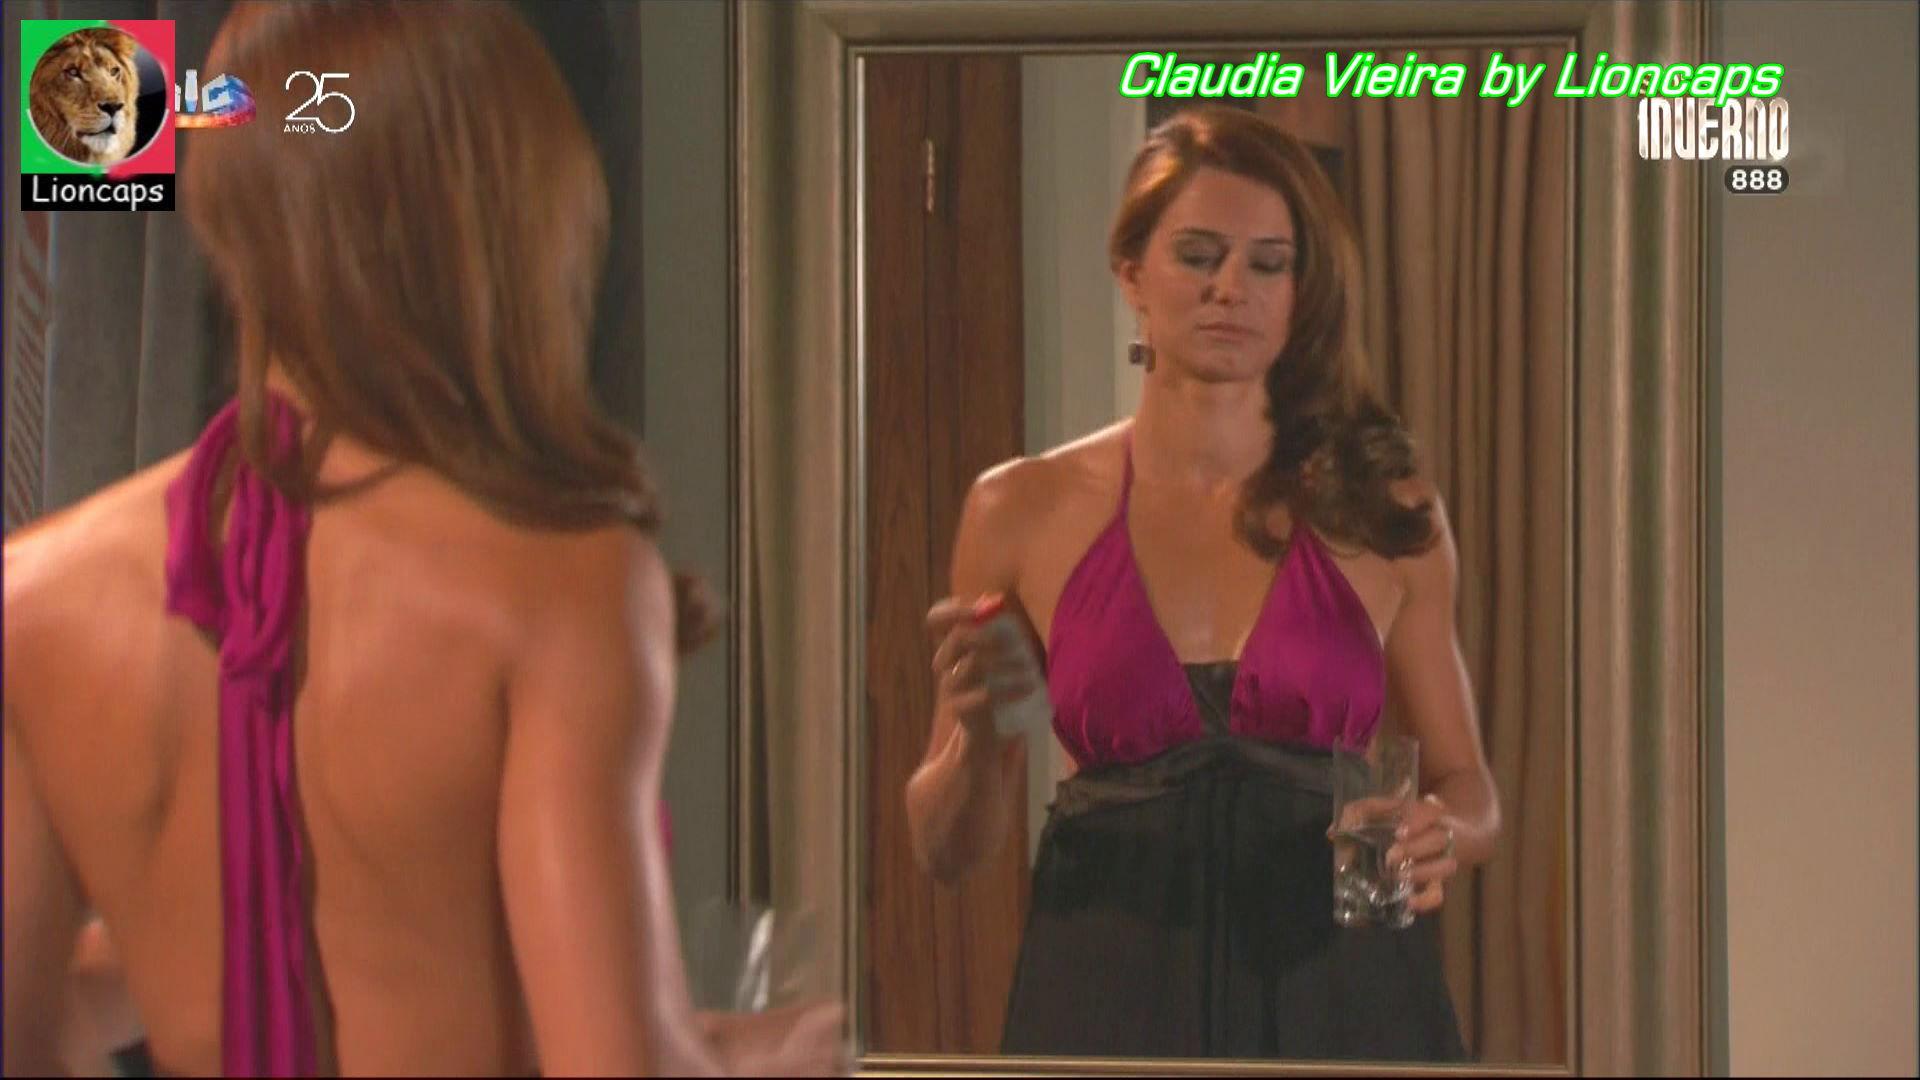 234448219_claudia_vieira_vs171005_1715_122_391lo.JPG